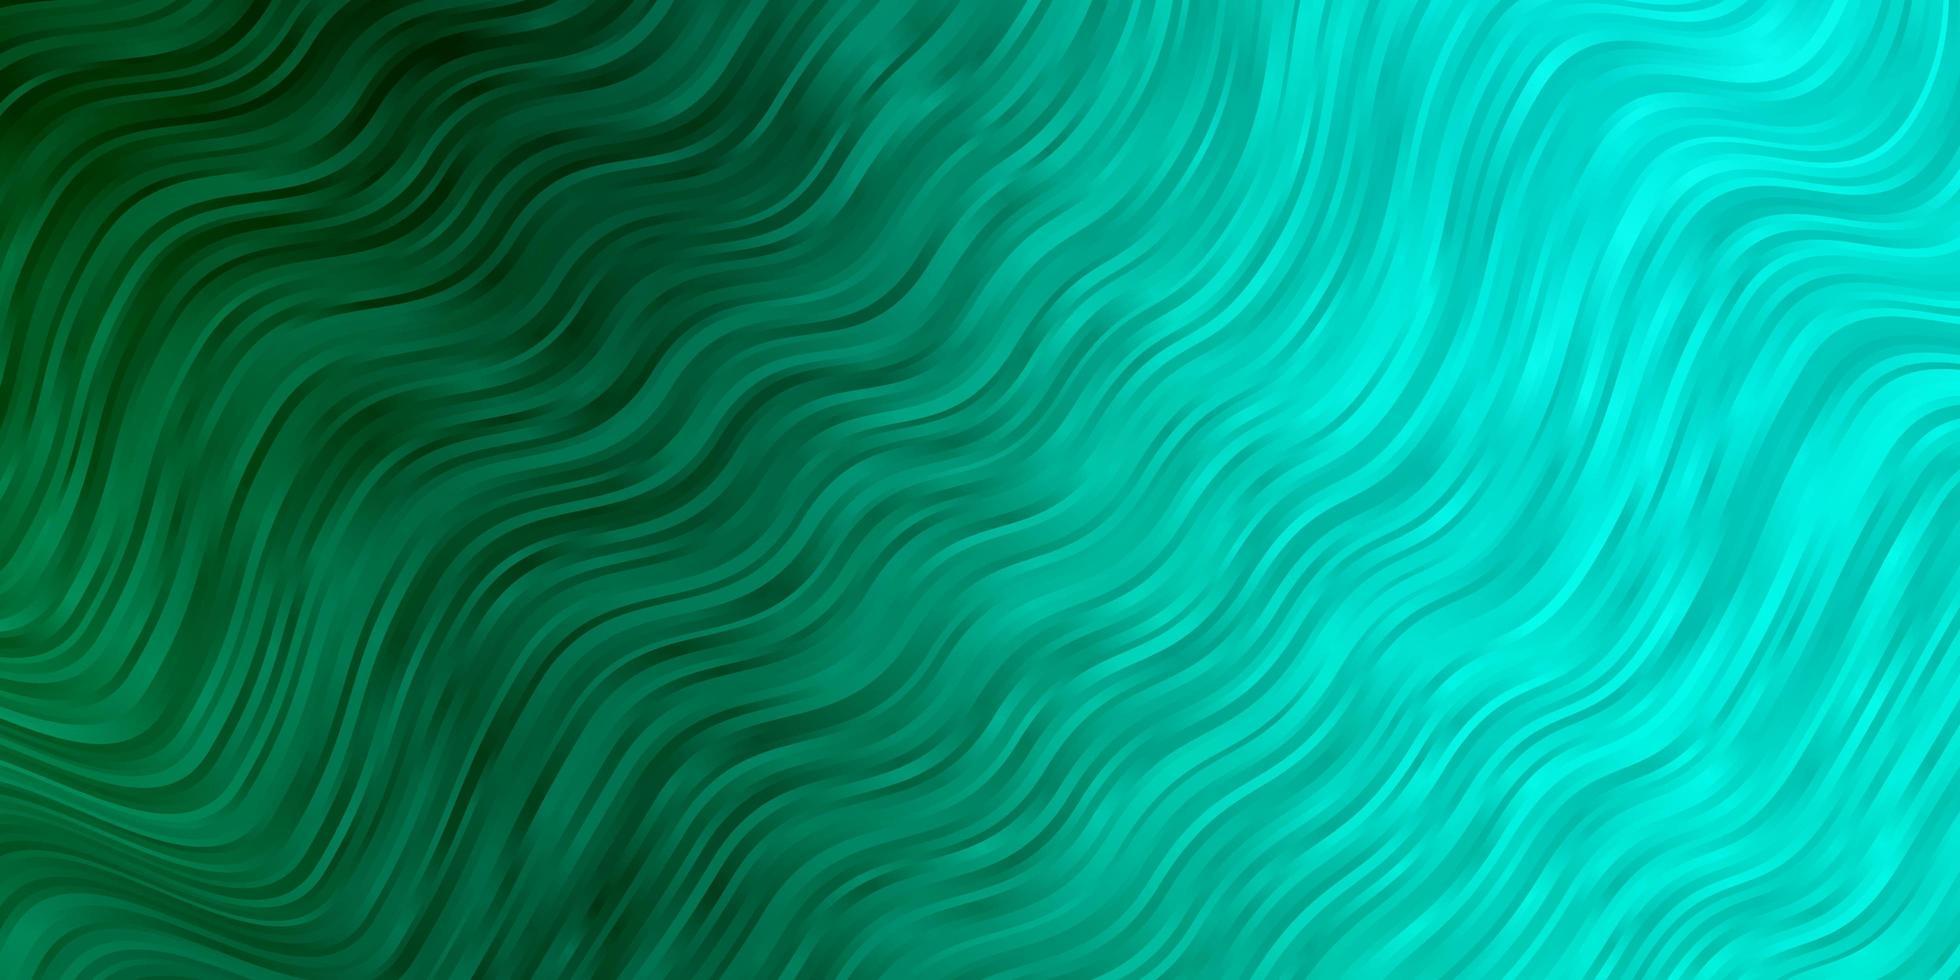 layout vettoriale verde chiaro con arco circolare.